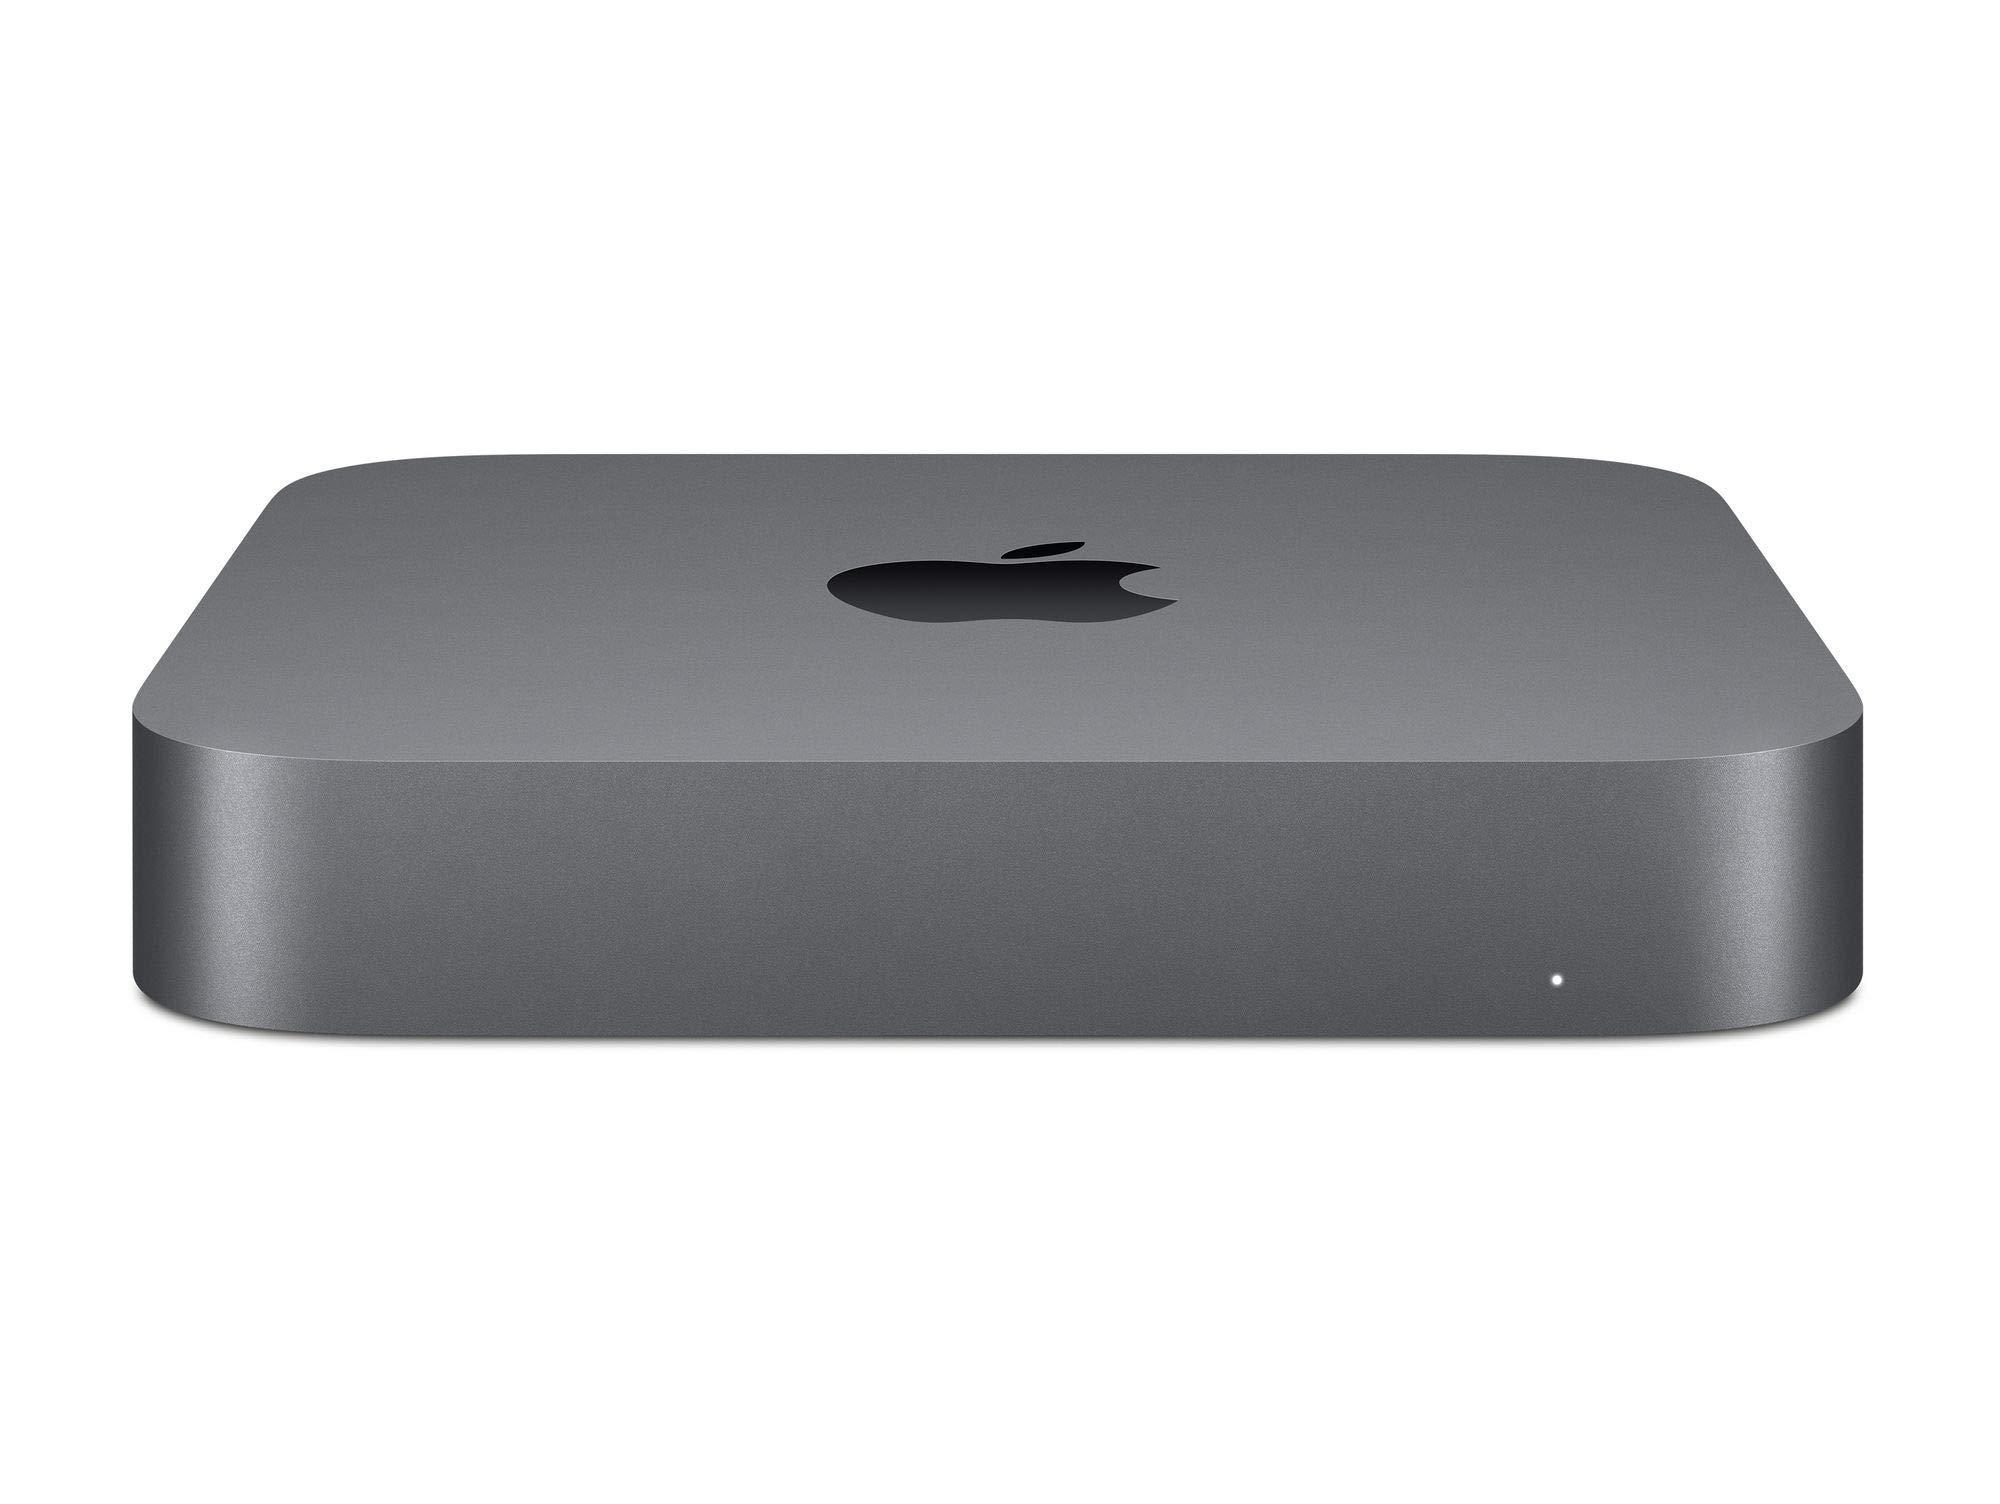 Apple Mac mini (3,0 GHz 6‑Core Intel Core i5 Prozessor, 256GB)